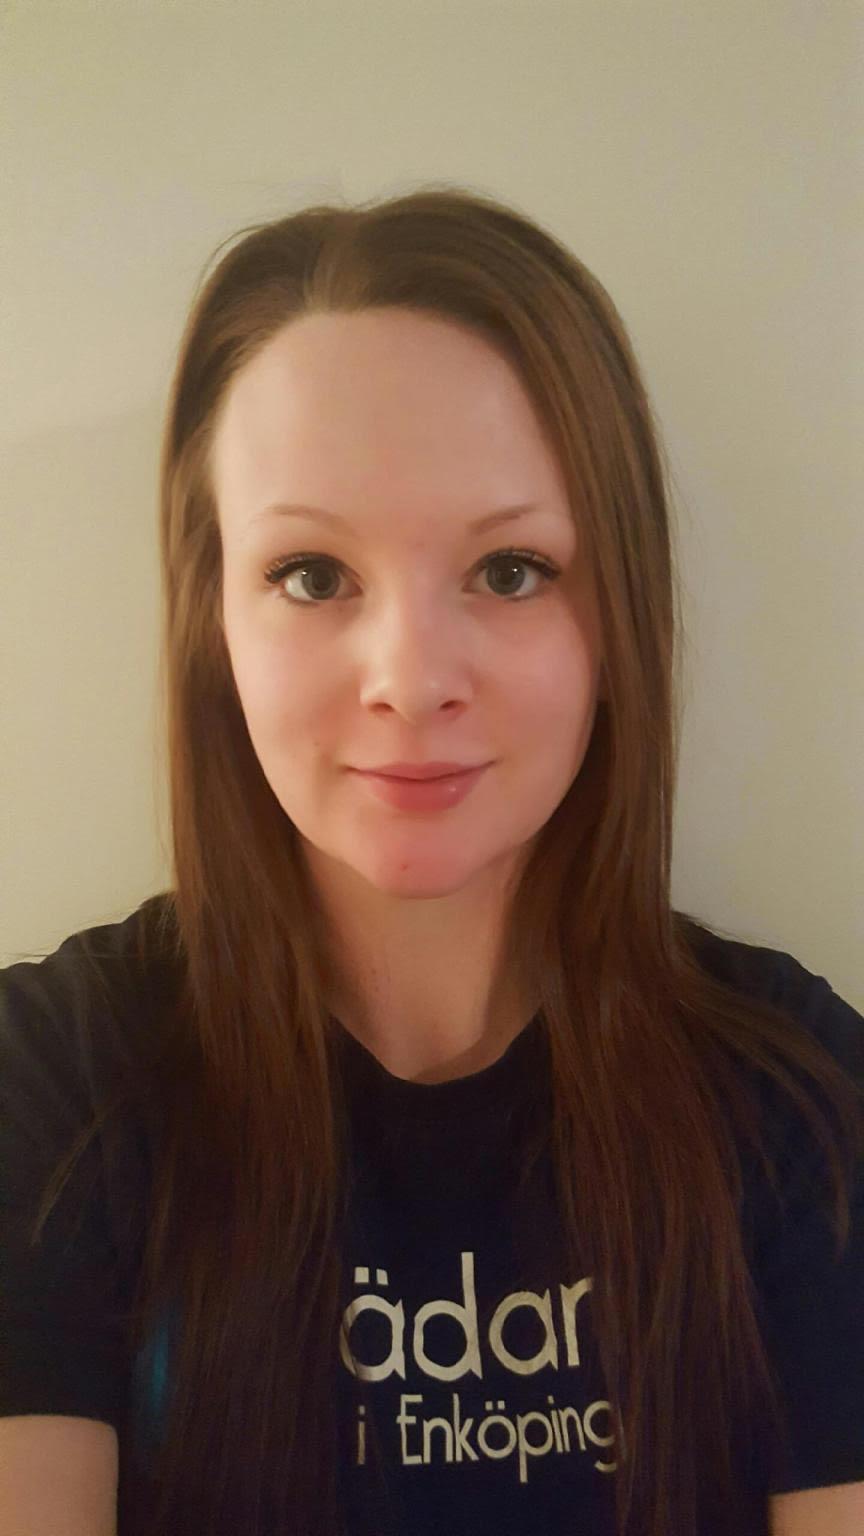 Madeleine Källander Arbetsledare Enköping 0171-210 10 madeleine@stadarna.se Städarna i Enköping Ågatan 15 B 745 35 Enköping Arbetat på Städarna sedan: 2016